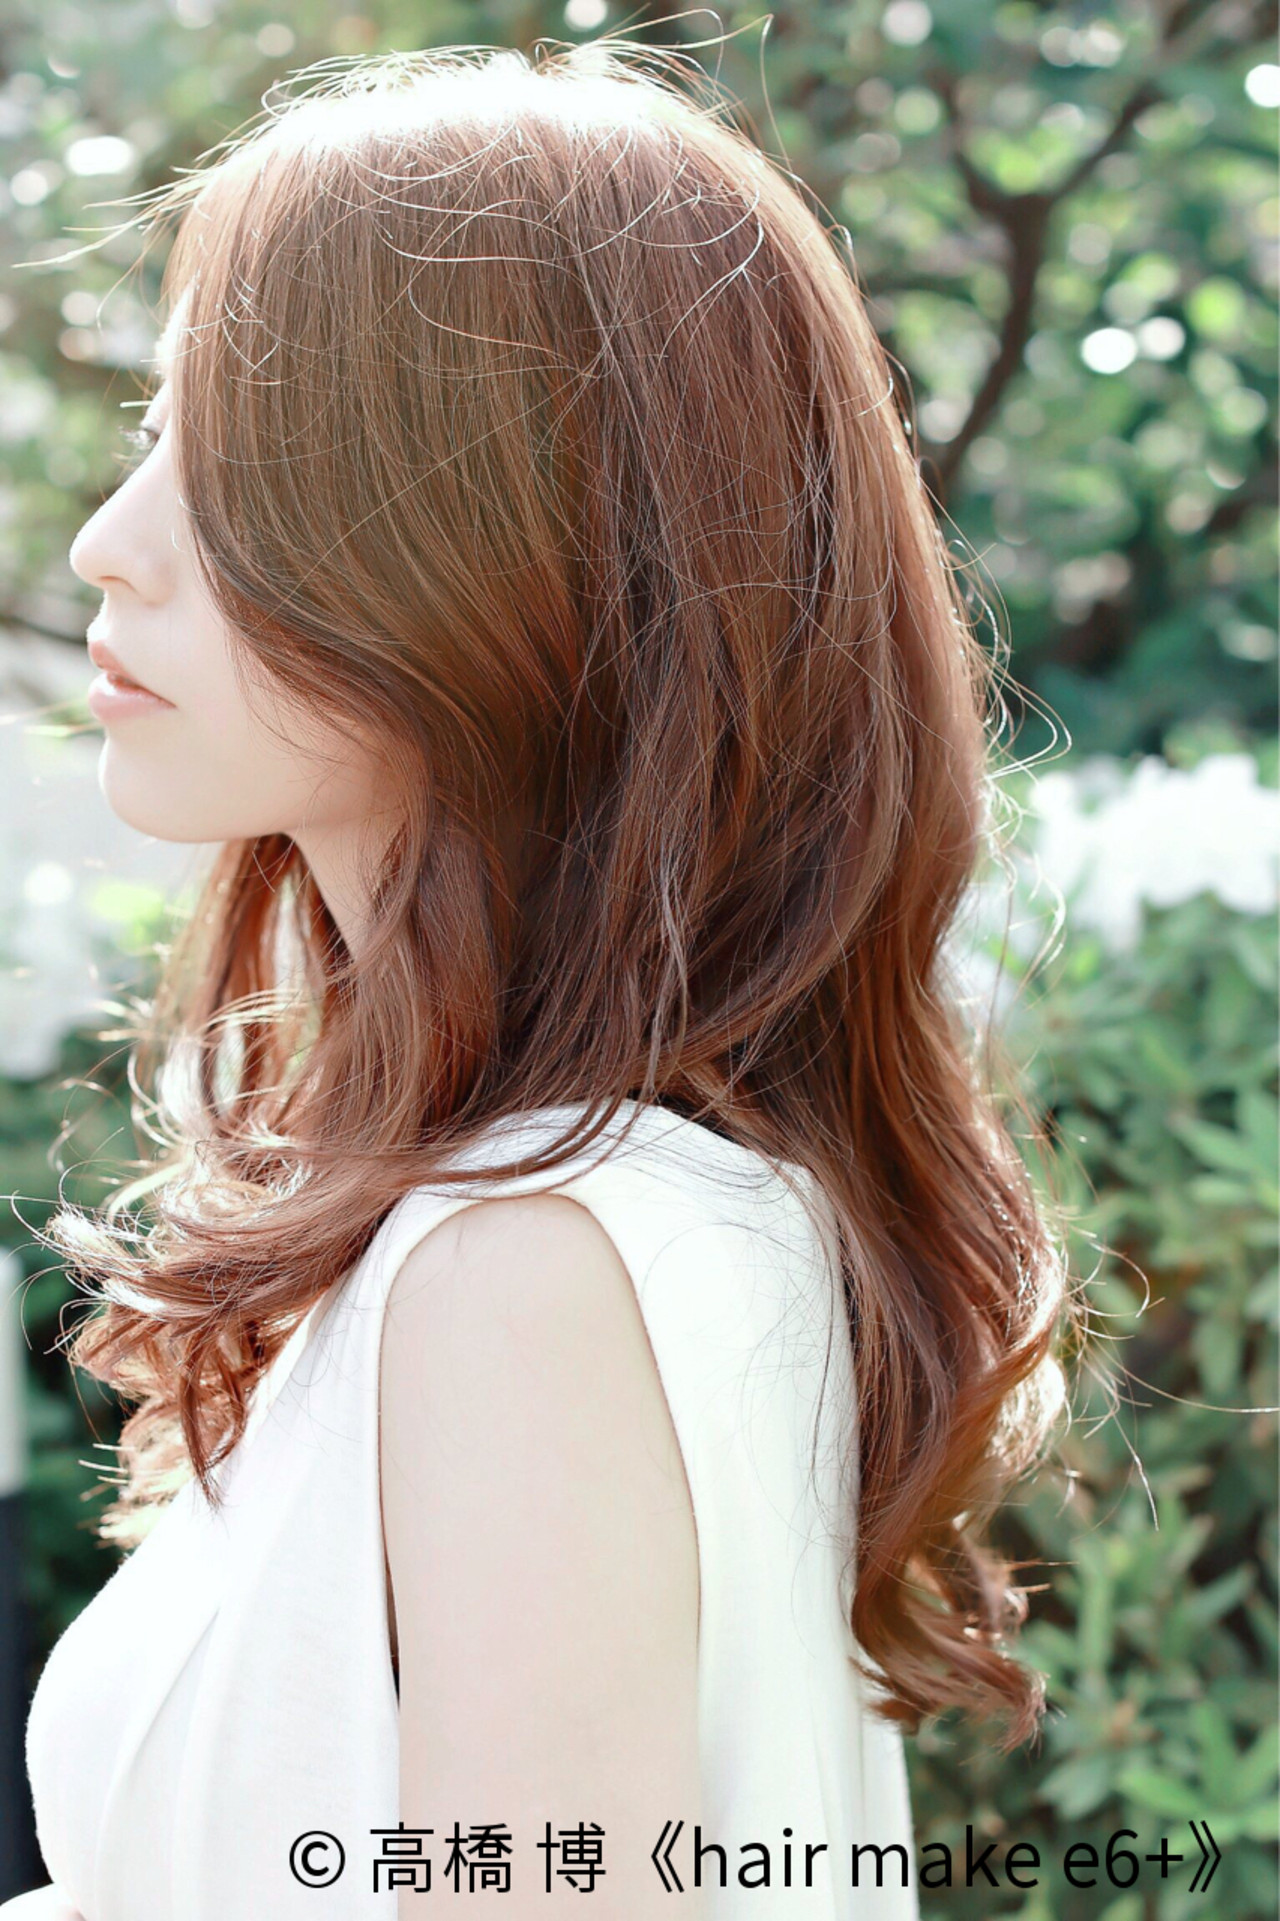 パーマ ベージュ ゆるふわ フェミニン ヘアスタイルや髪型の写真・画像